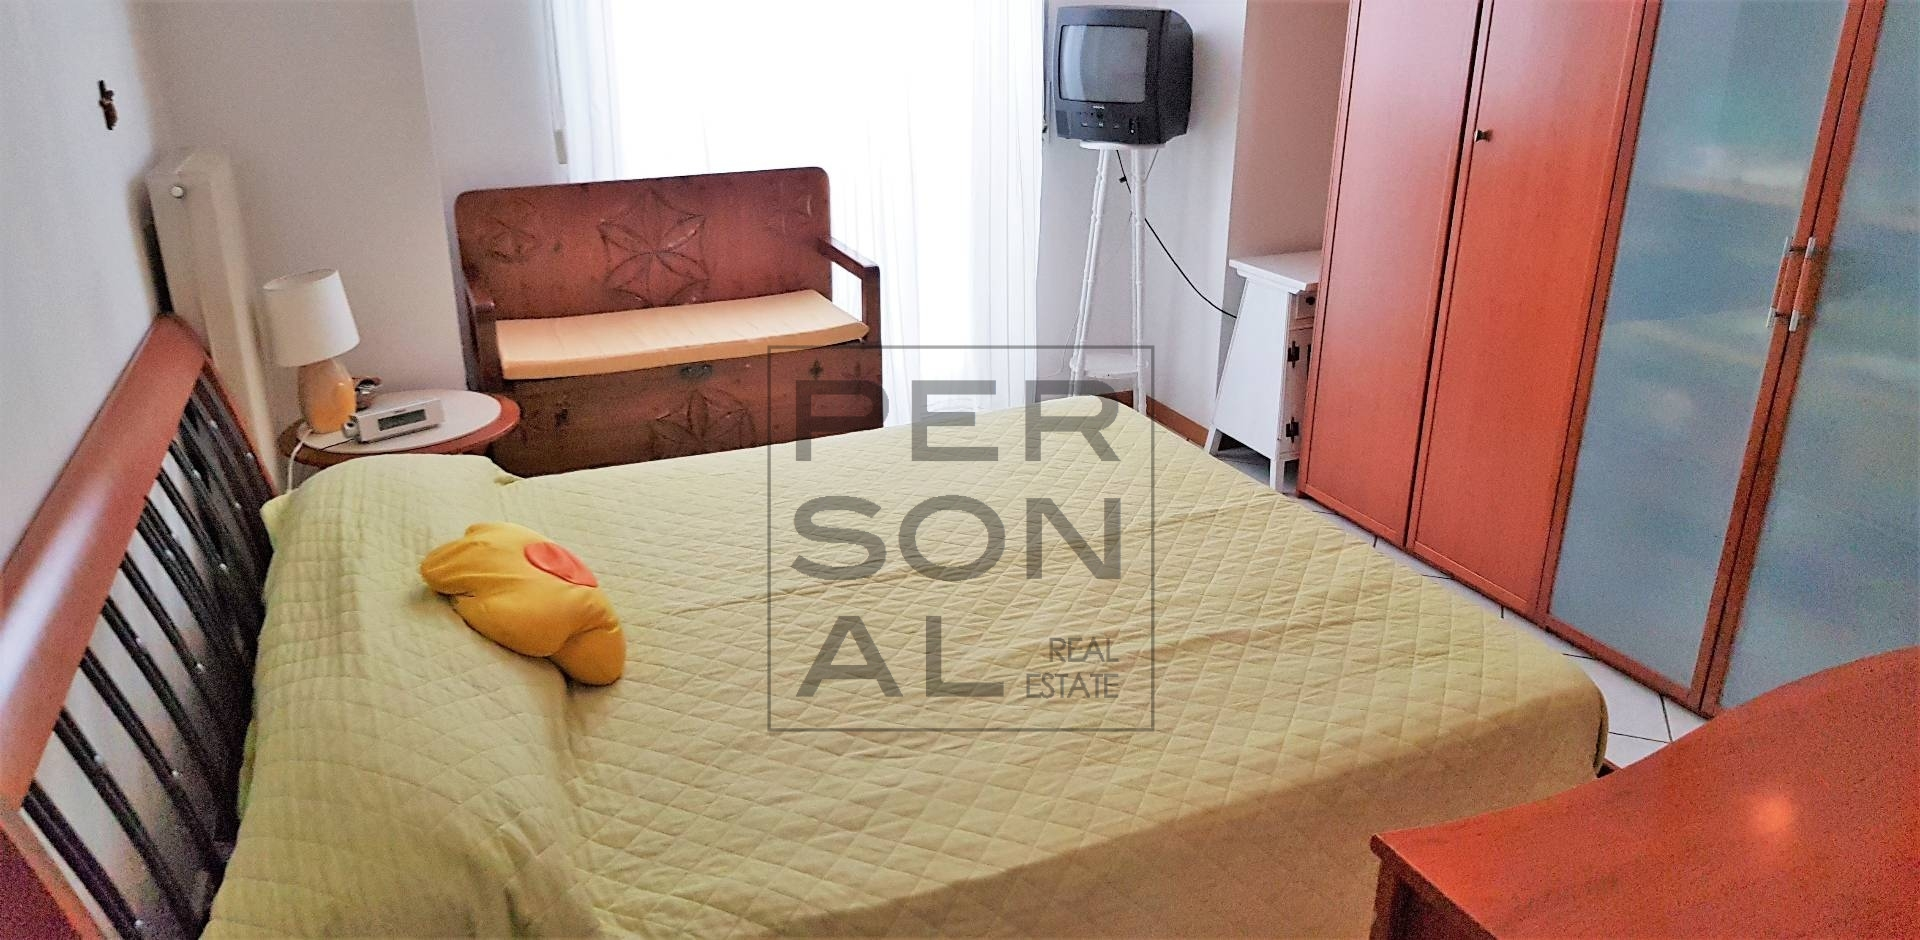 Foto appartamento in affitto a San Michele all'Adige (Trento)